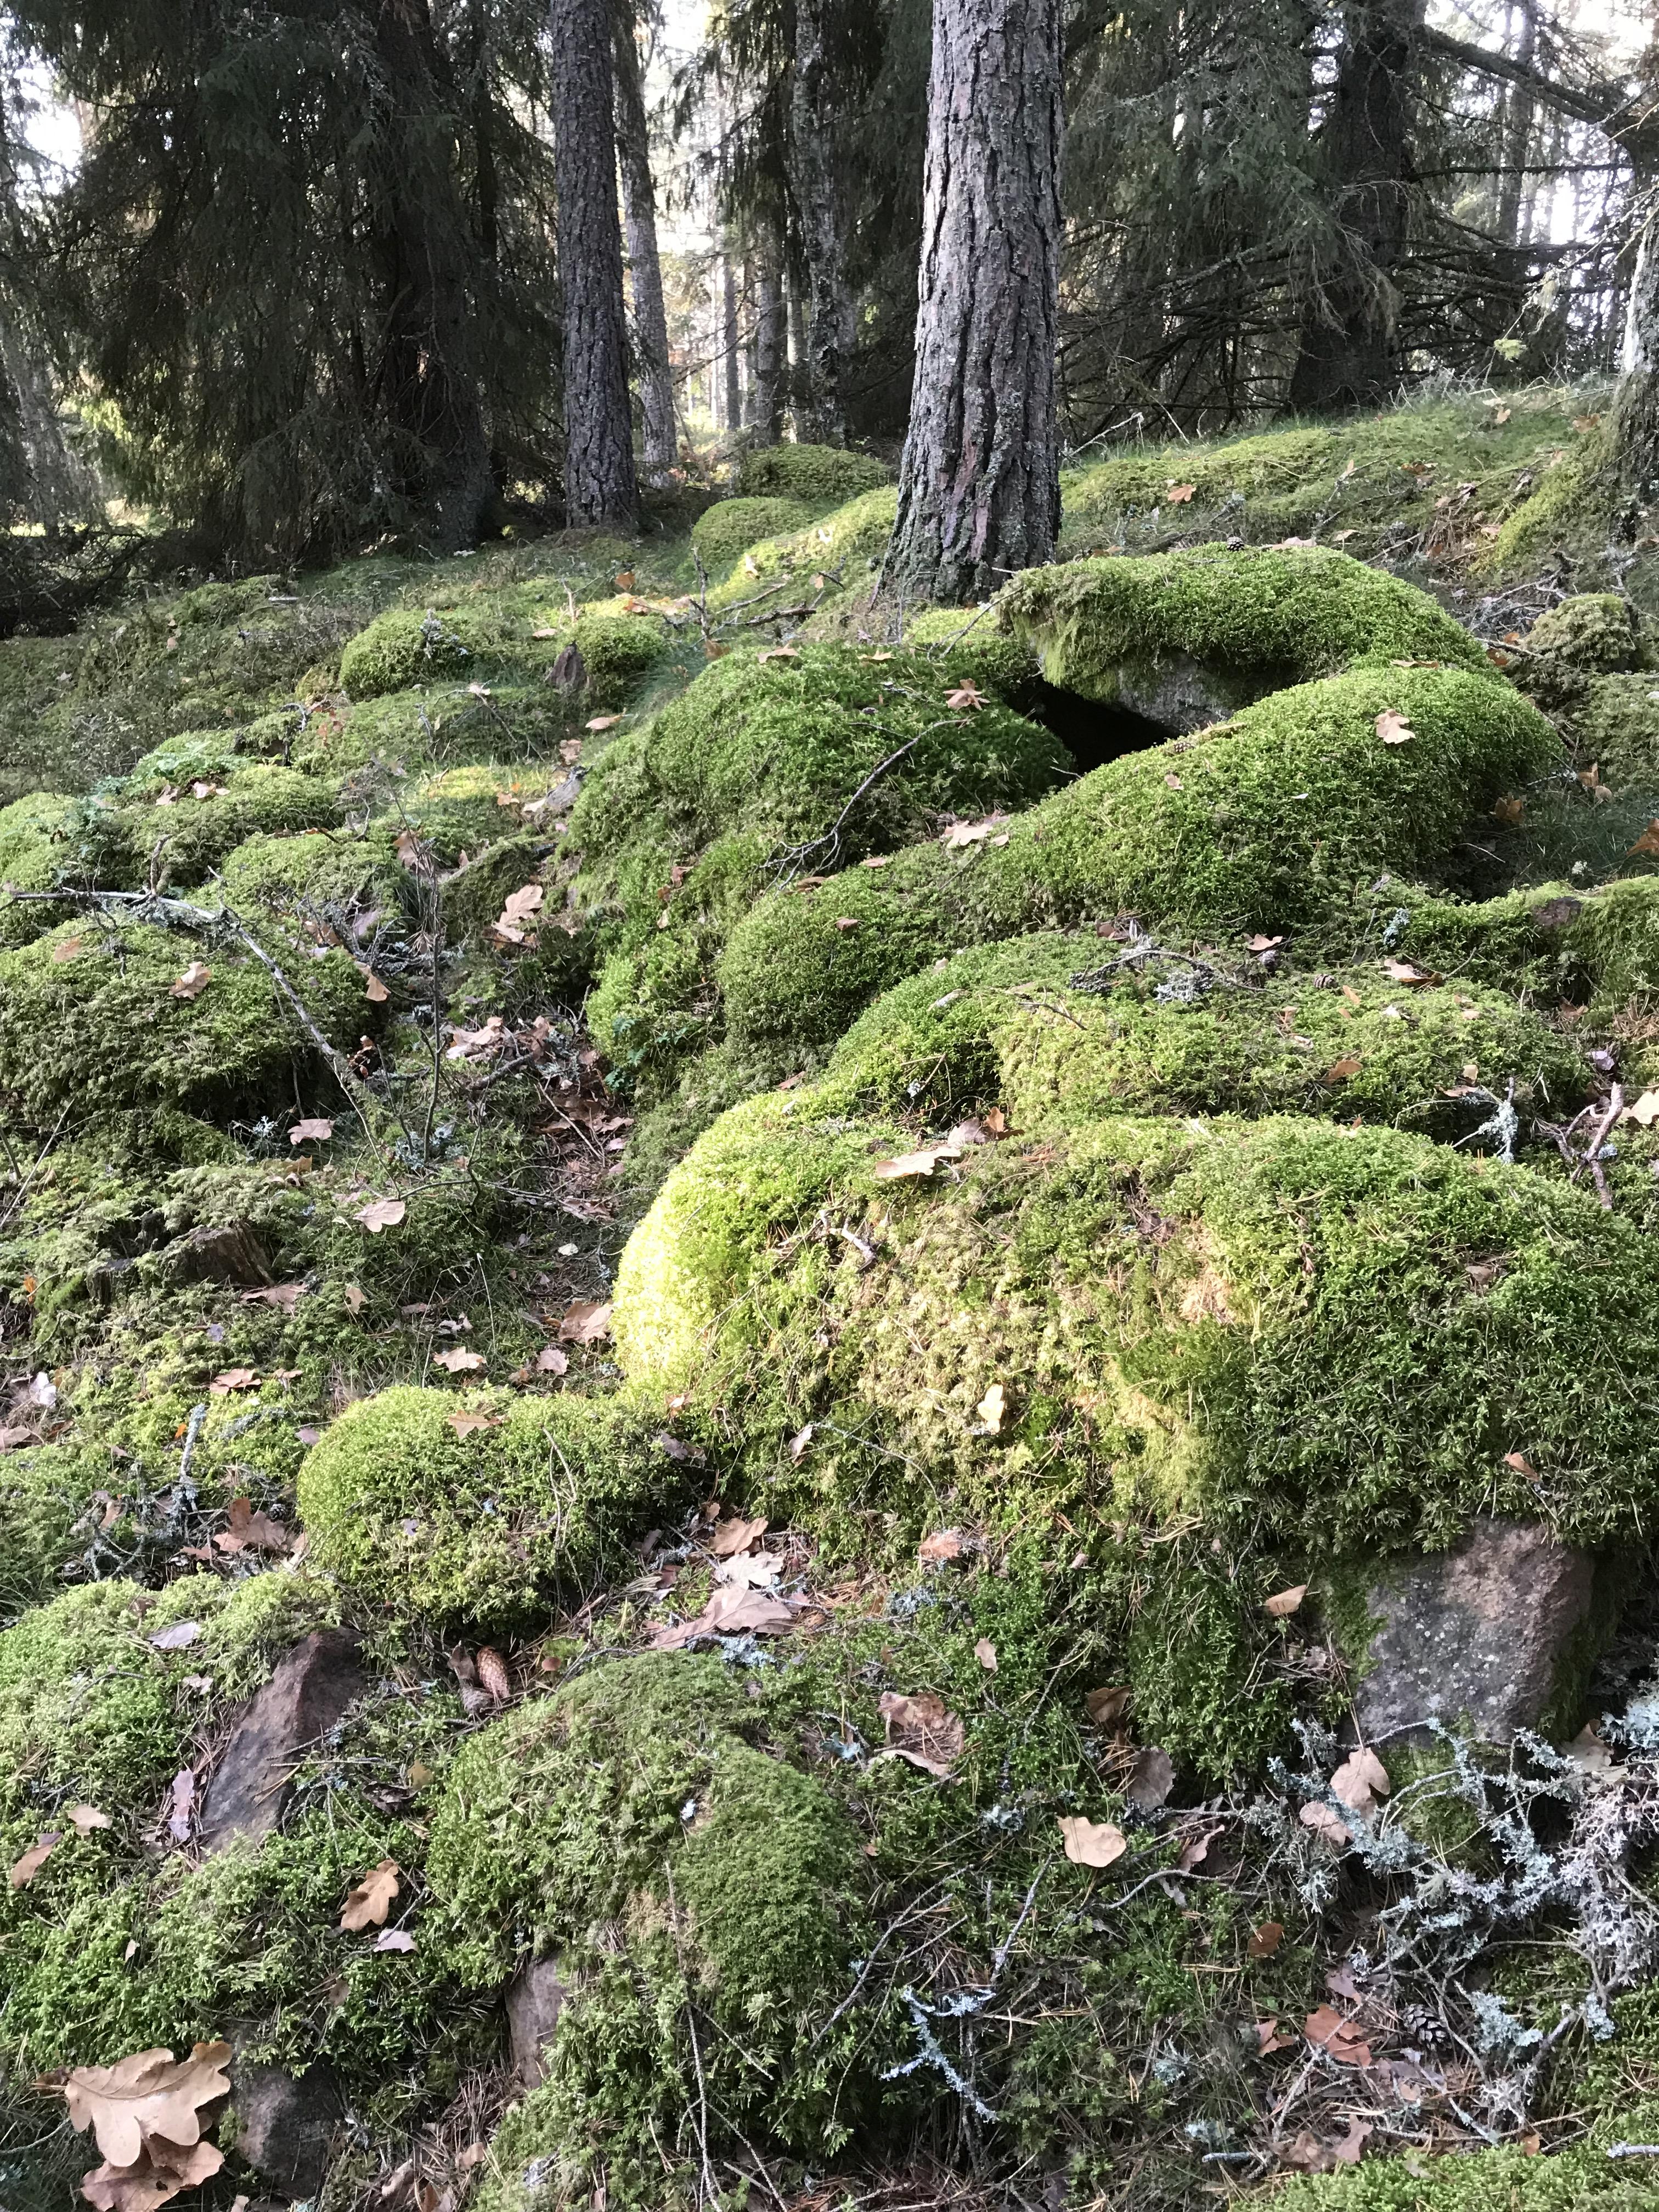 Av några mossbelupna stenar kunde Bauer med sin fantasi få fram bilden av en hel grupp troll.